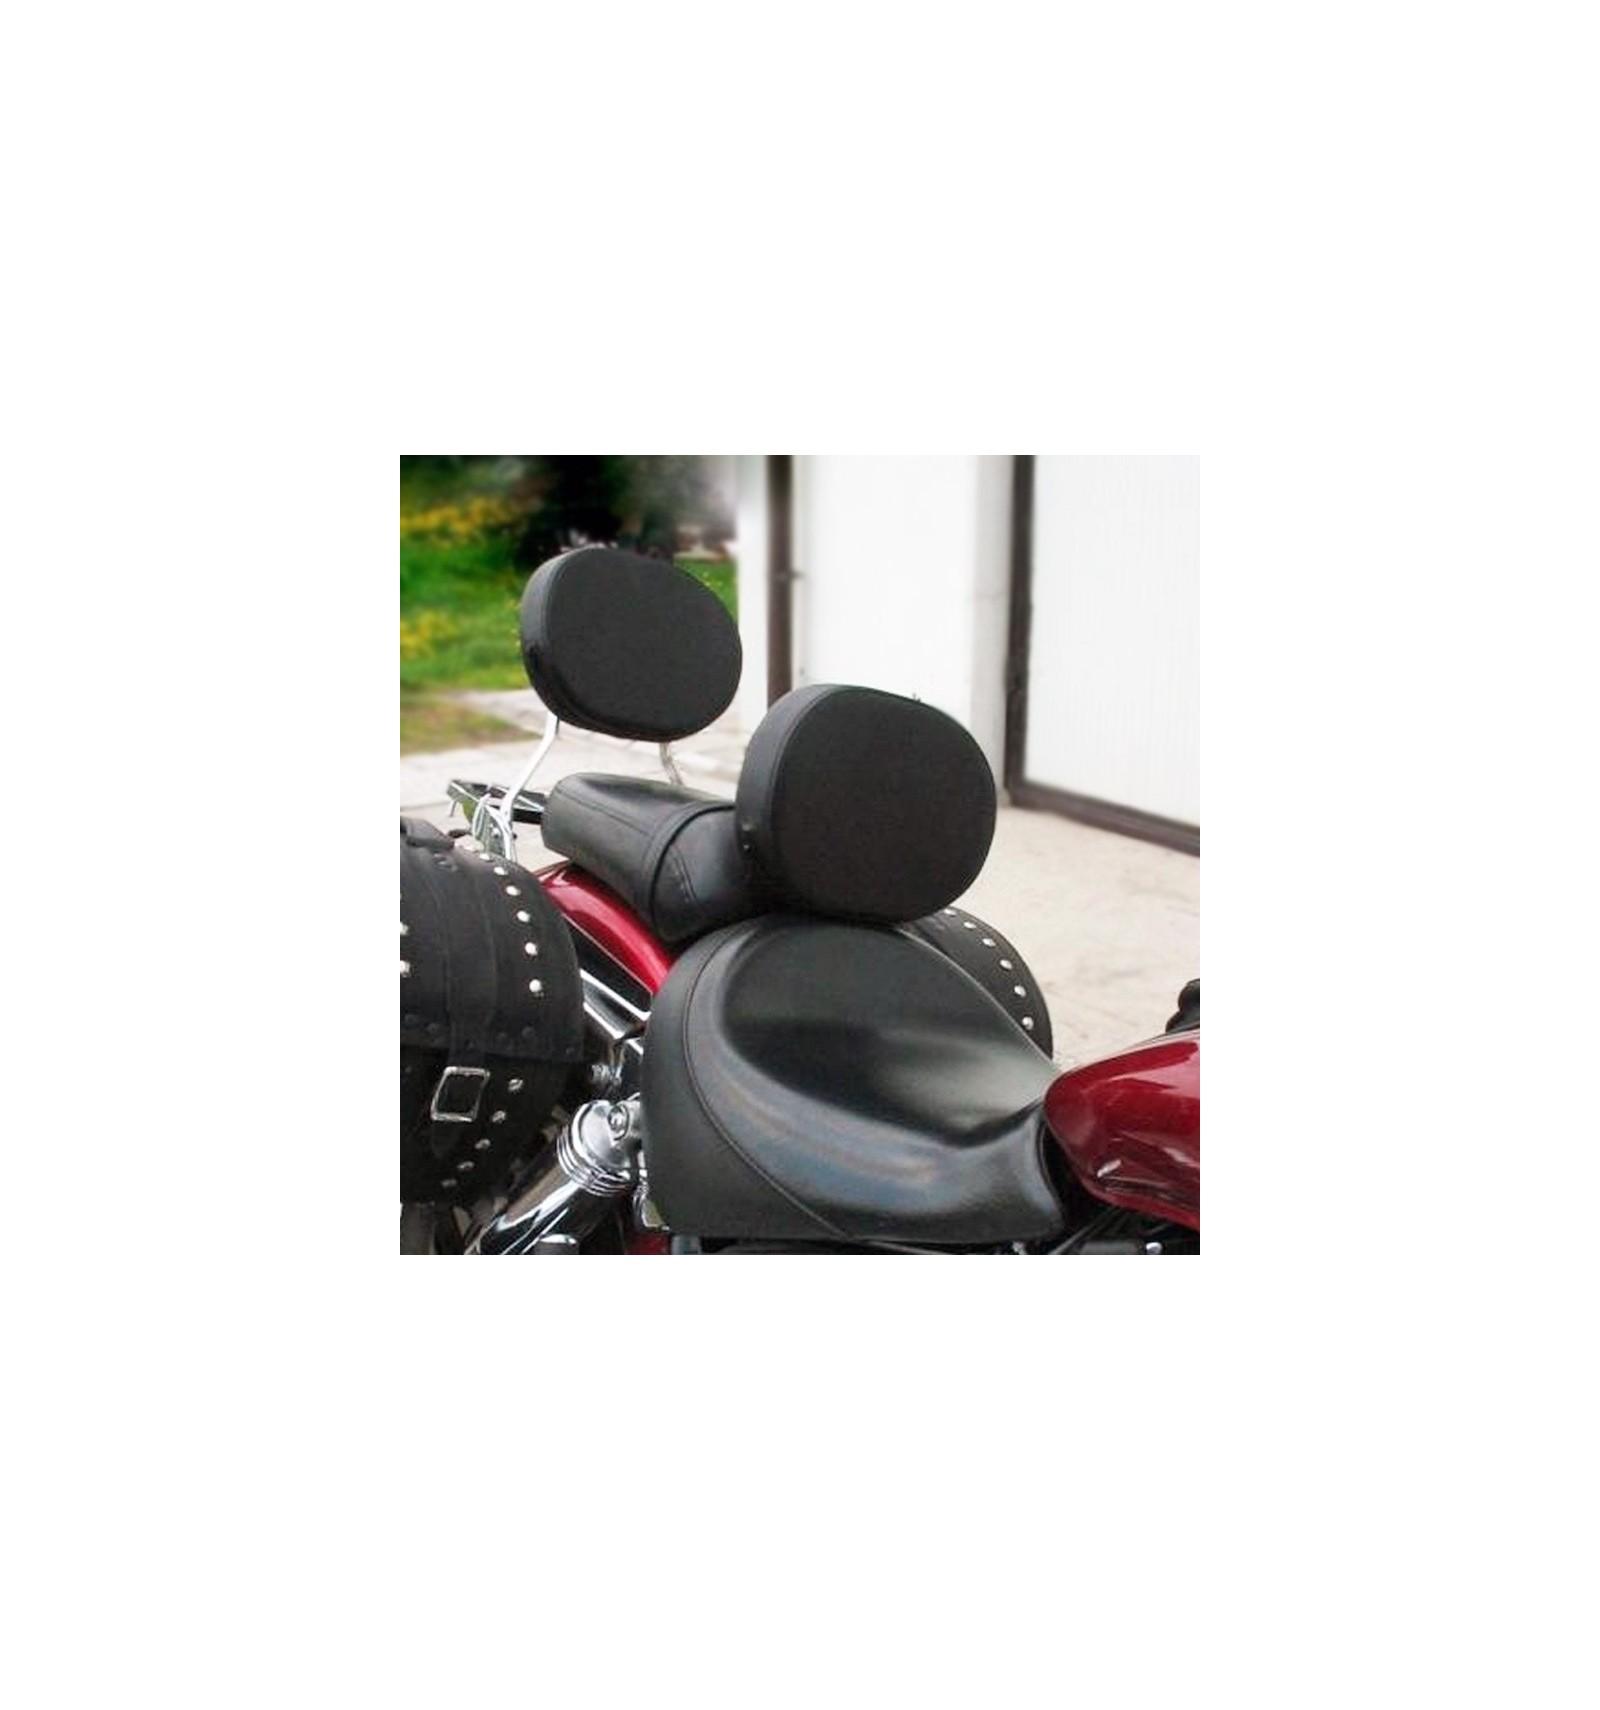 HONDA VTX 1300 VTX1300 RETRO STAINLESS STEEL  DRIVER RIDER BACKREST